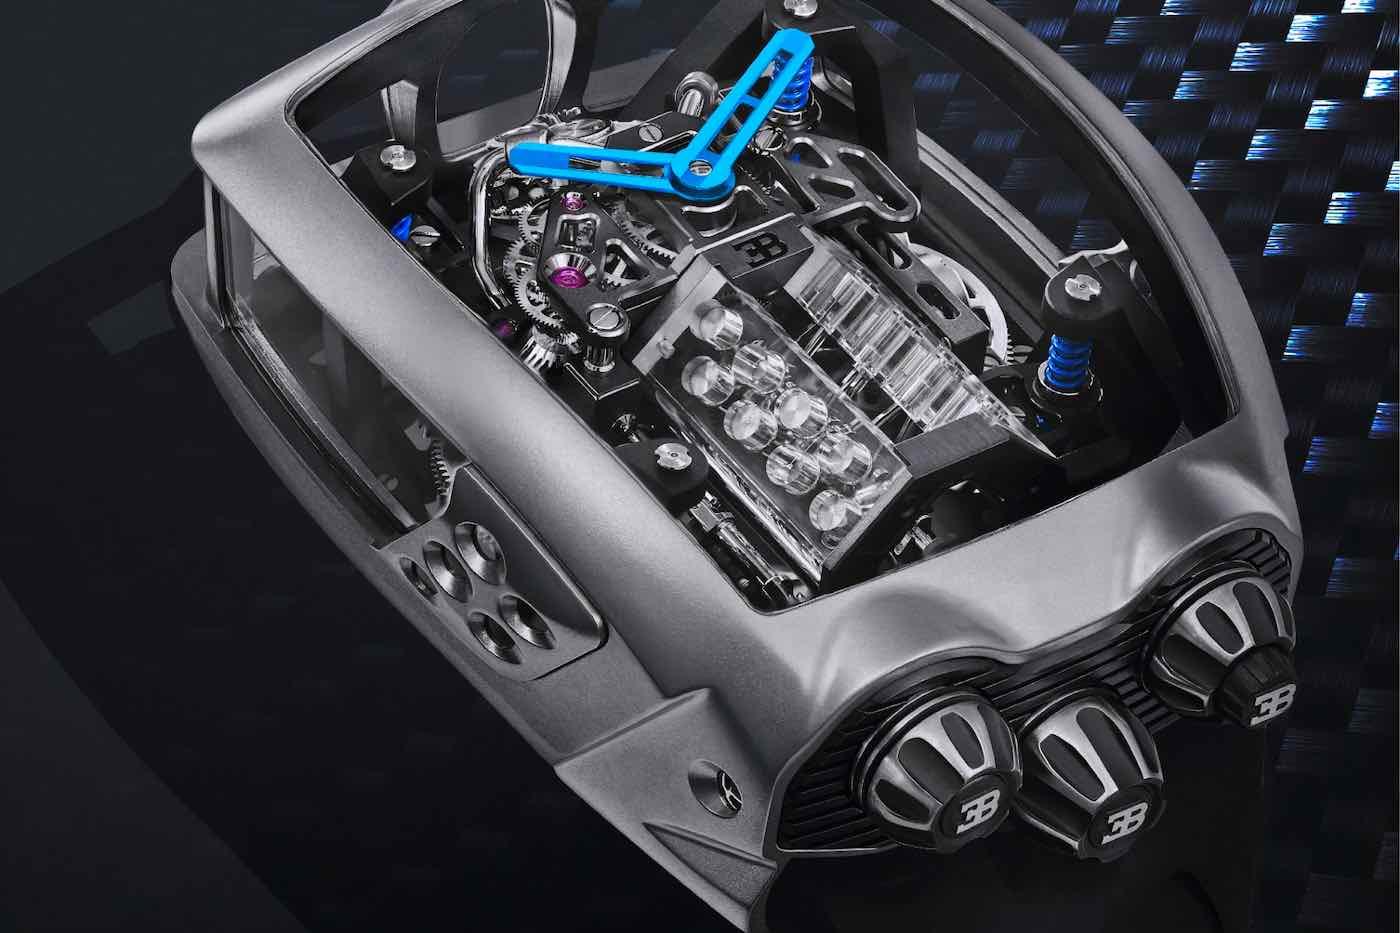 El primer reloj Bugatti inspirado en el Chiron llega al mercado, ahora disponible en JamesEdition